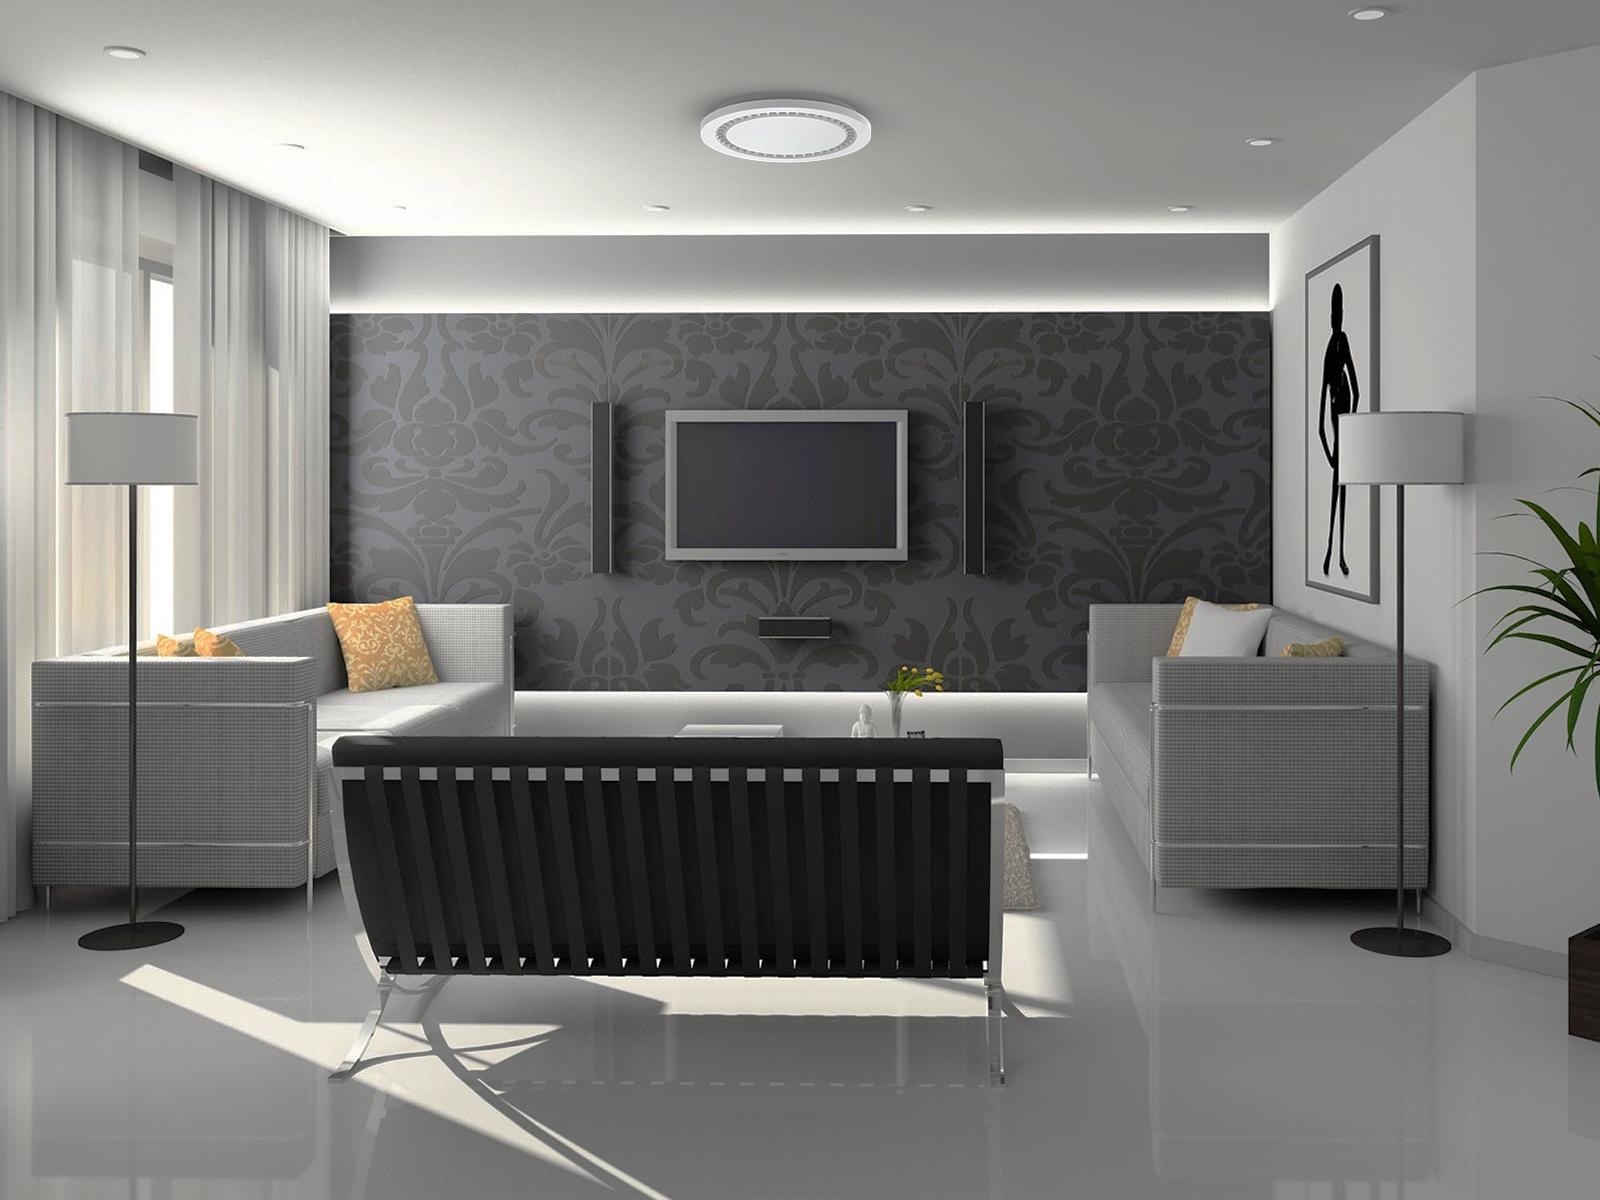 16 Inch 25w Indoor Motion Sensor Ceiling Light Fixture Upshine Lighting